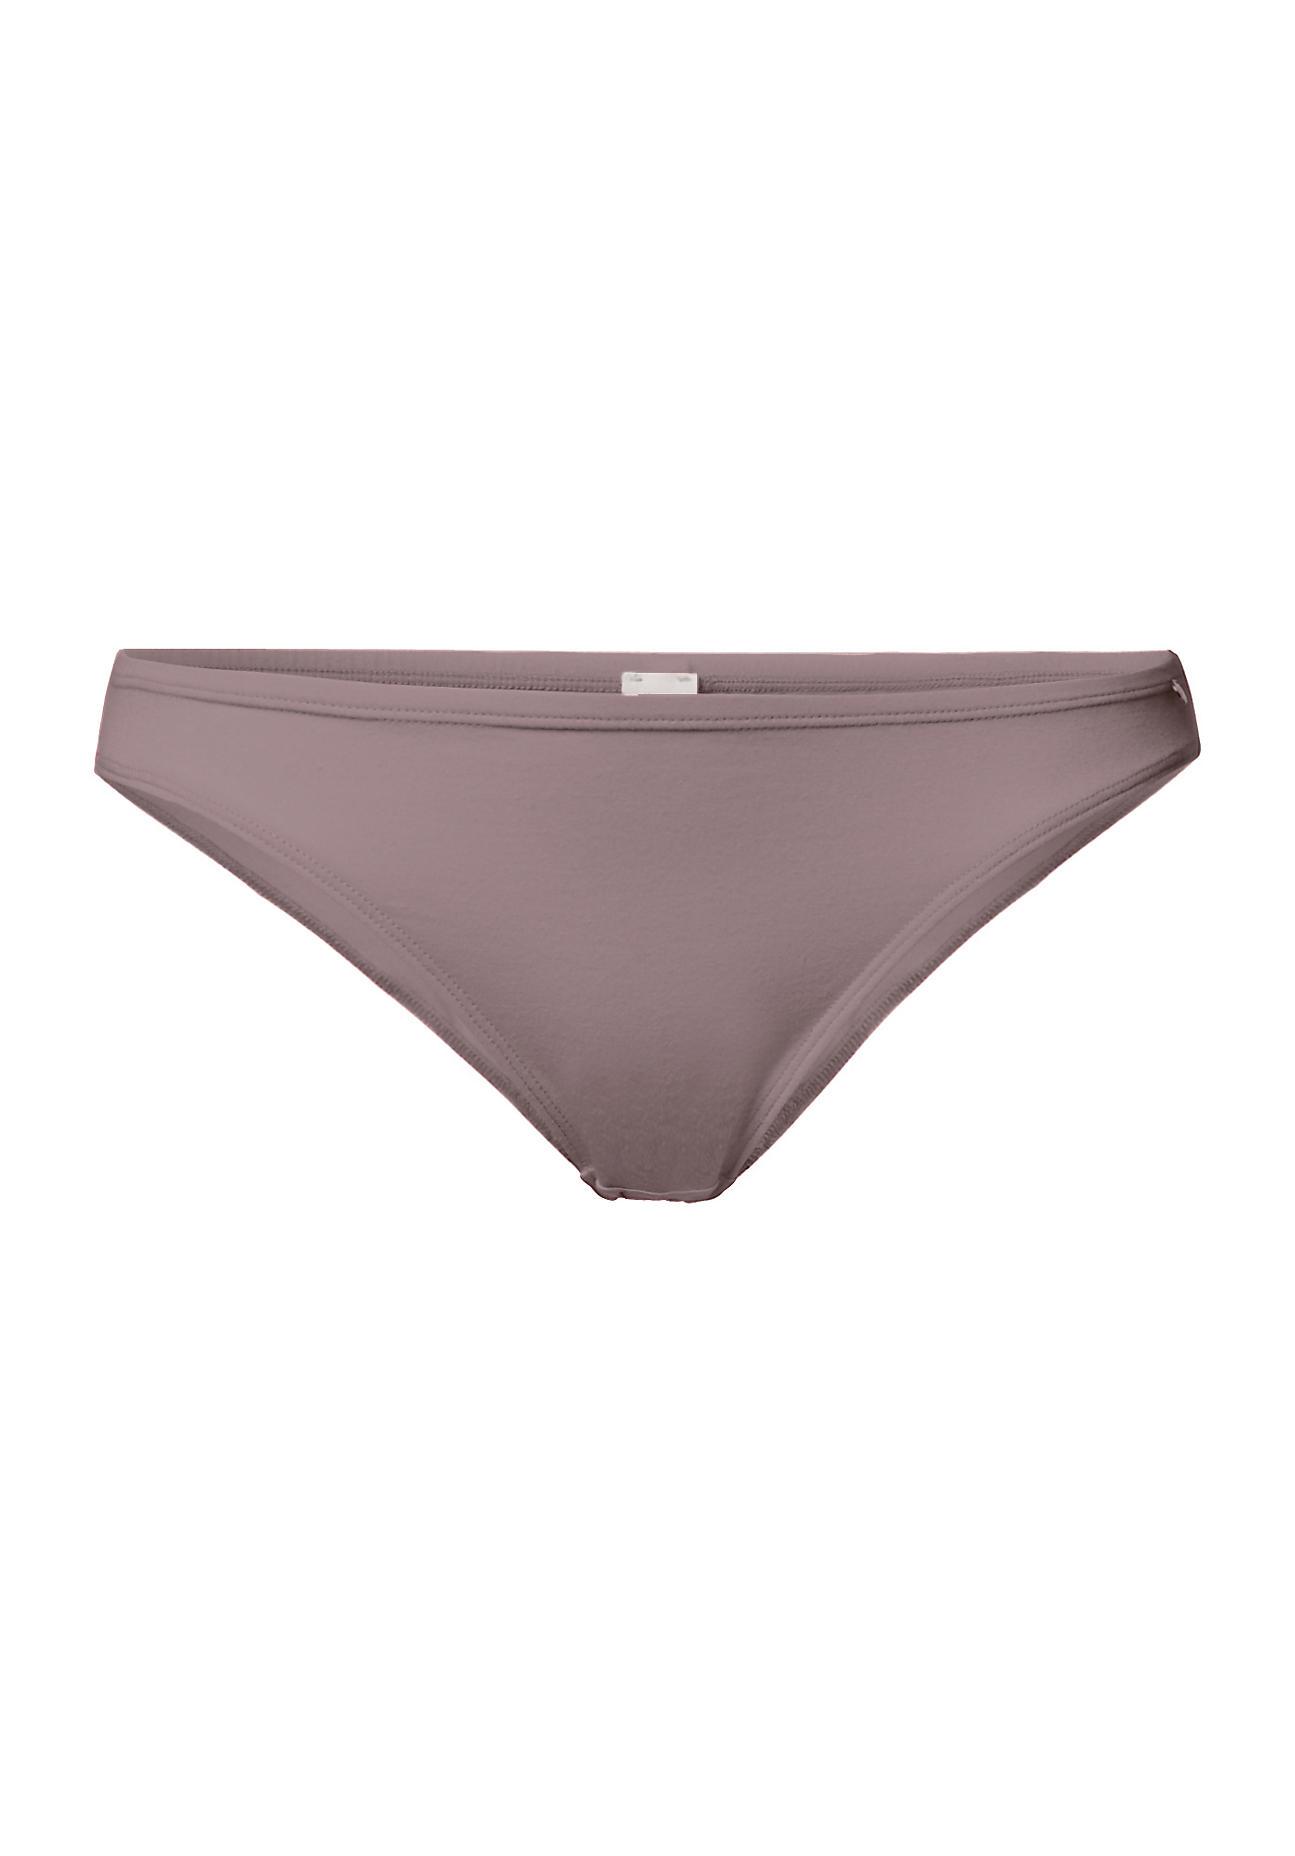 hessnatur Damen Mini Slip aus Bio Baumwolle und Modal – lila – Größe 38